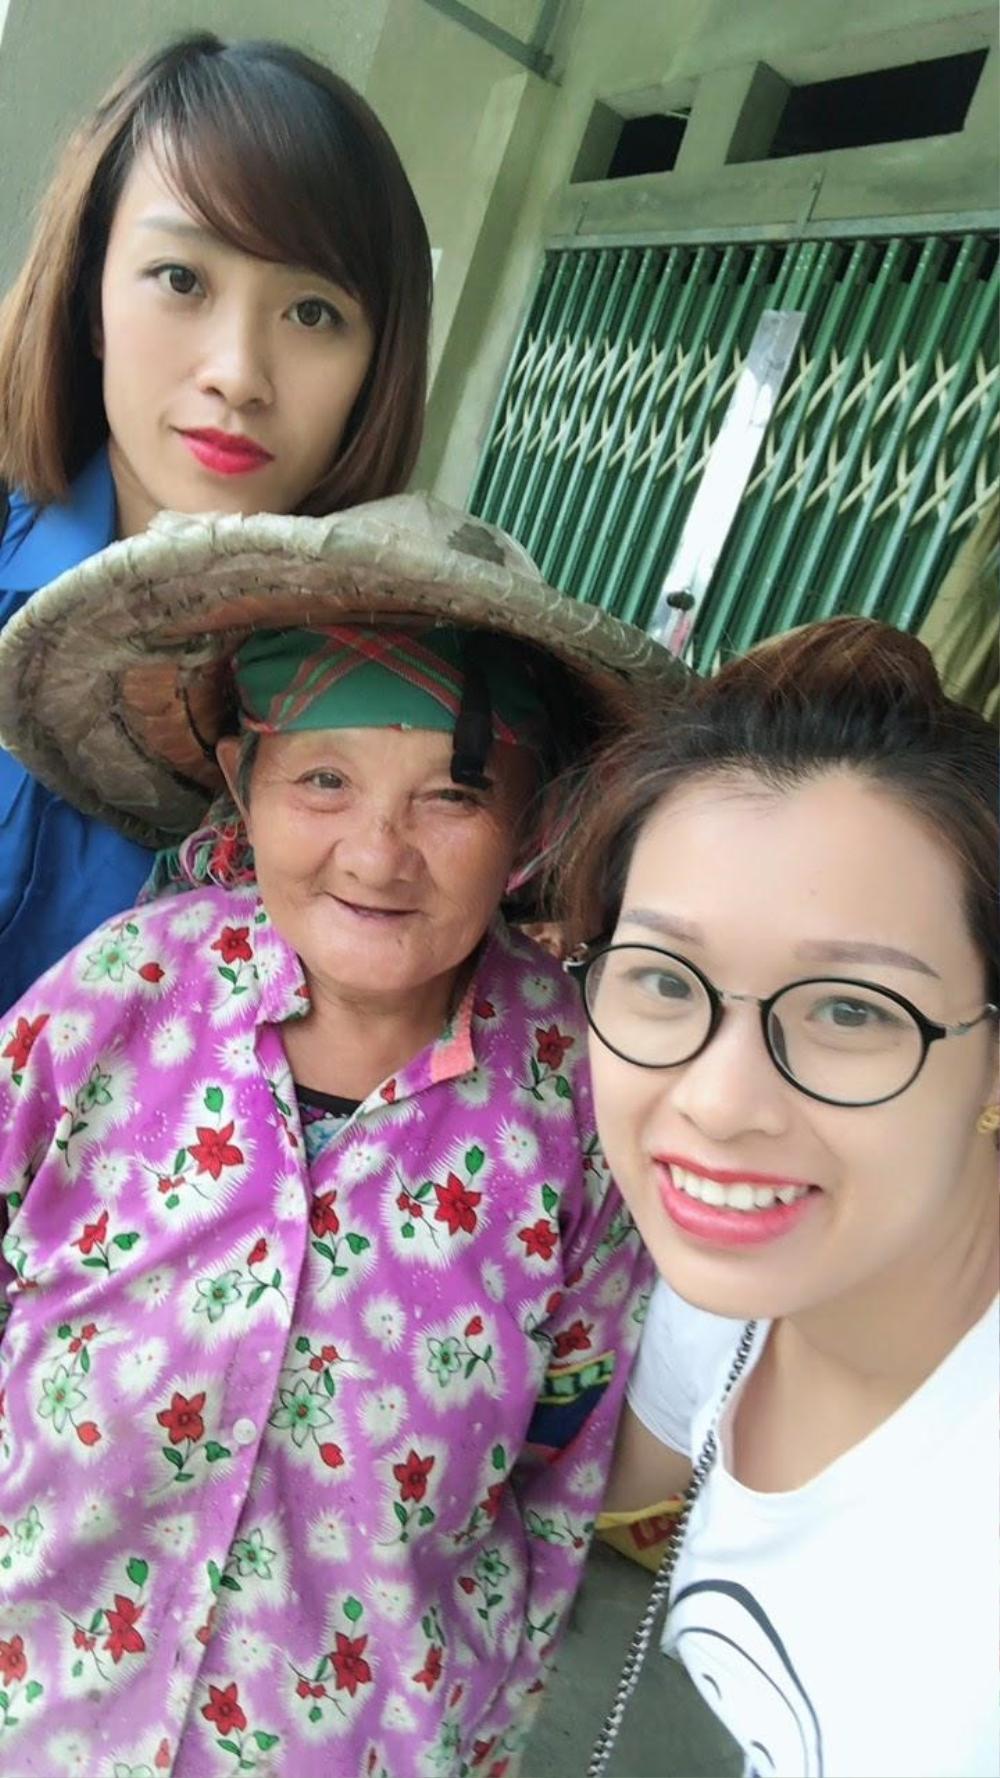 Doanh nhân Trương Thị Hà (Hà Nguyên) và hành trình cho đi là còn mãi Ảnh 1